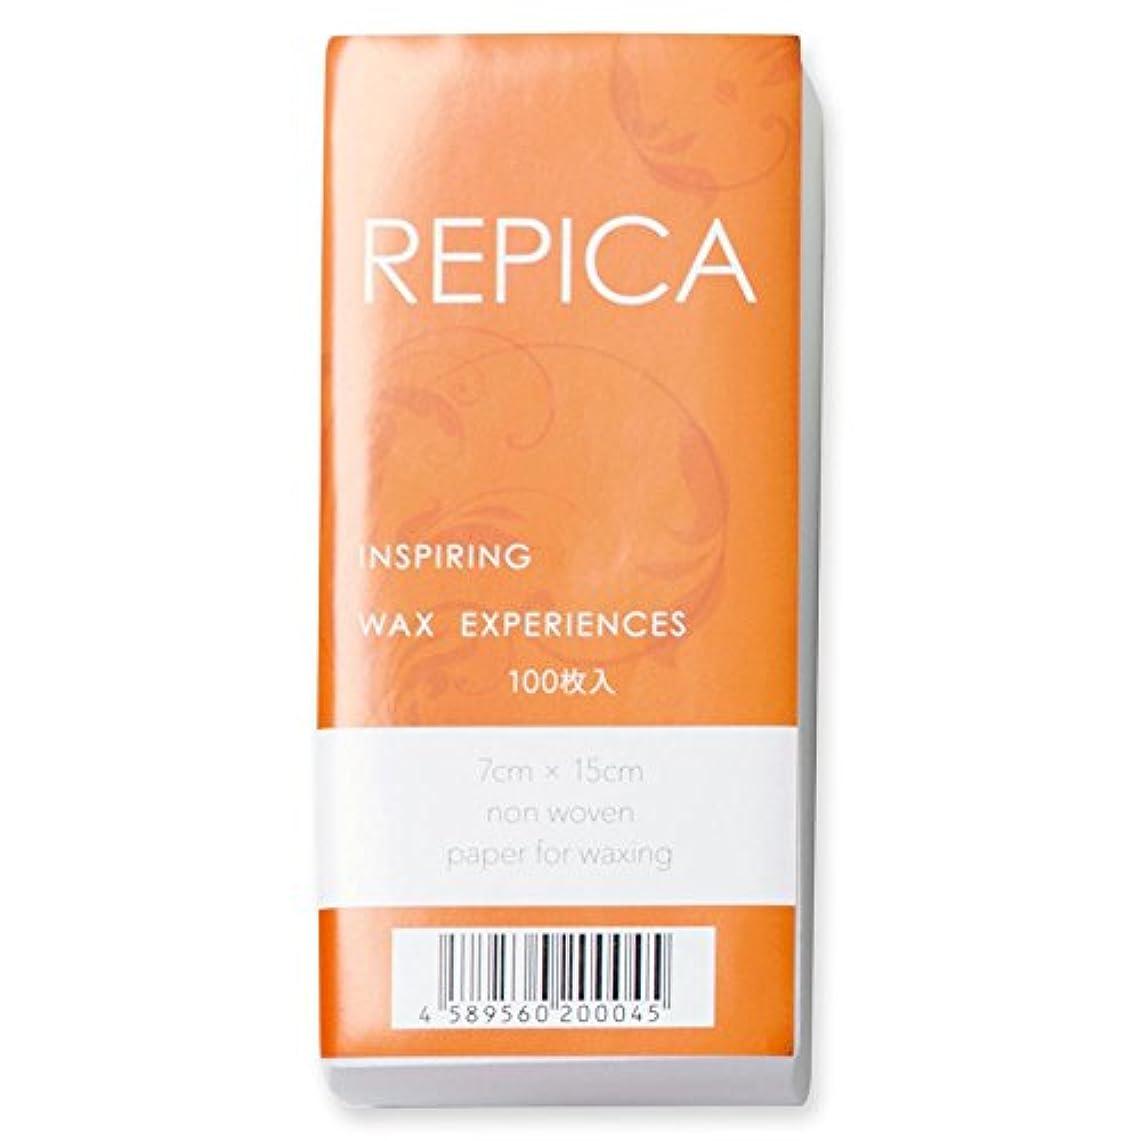 ボードいろいろ瞑想REPICA ブラジリアンワックス脱毛 カットペーパー Mサイズ100枚入り×10個セット ワックス脱毛 ワックスシート ストリップシート